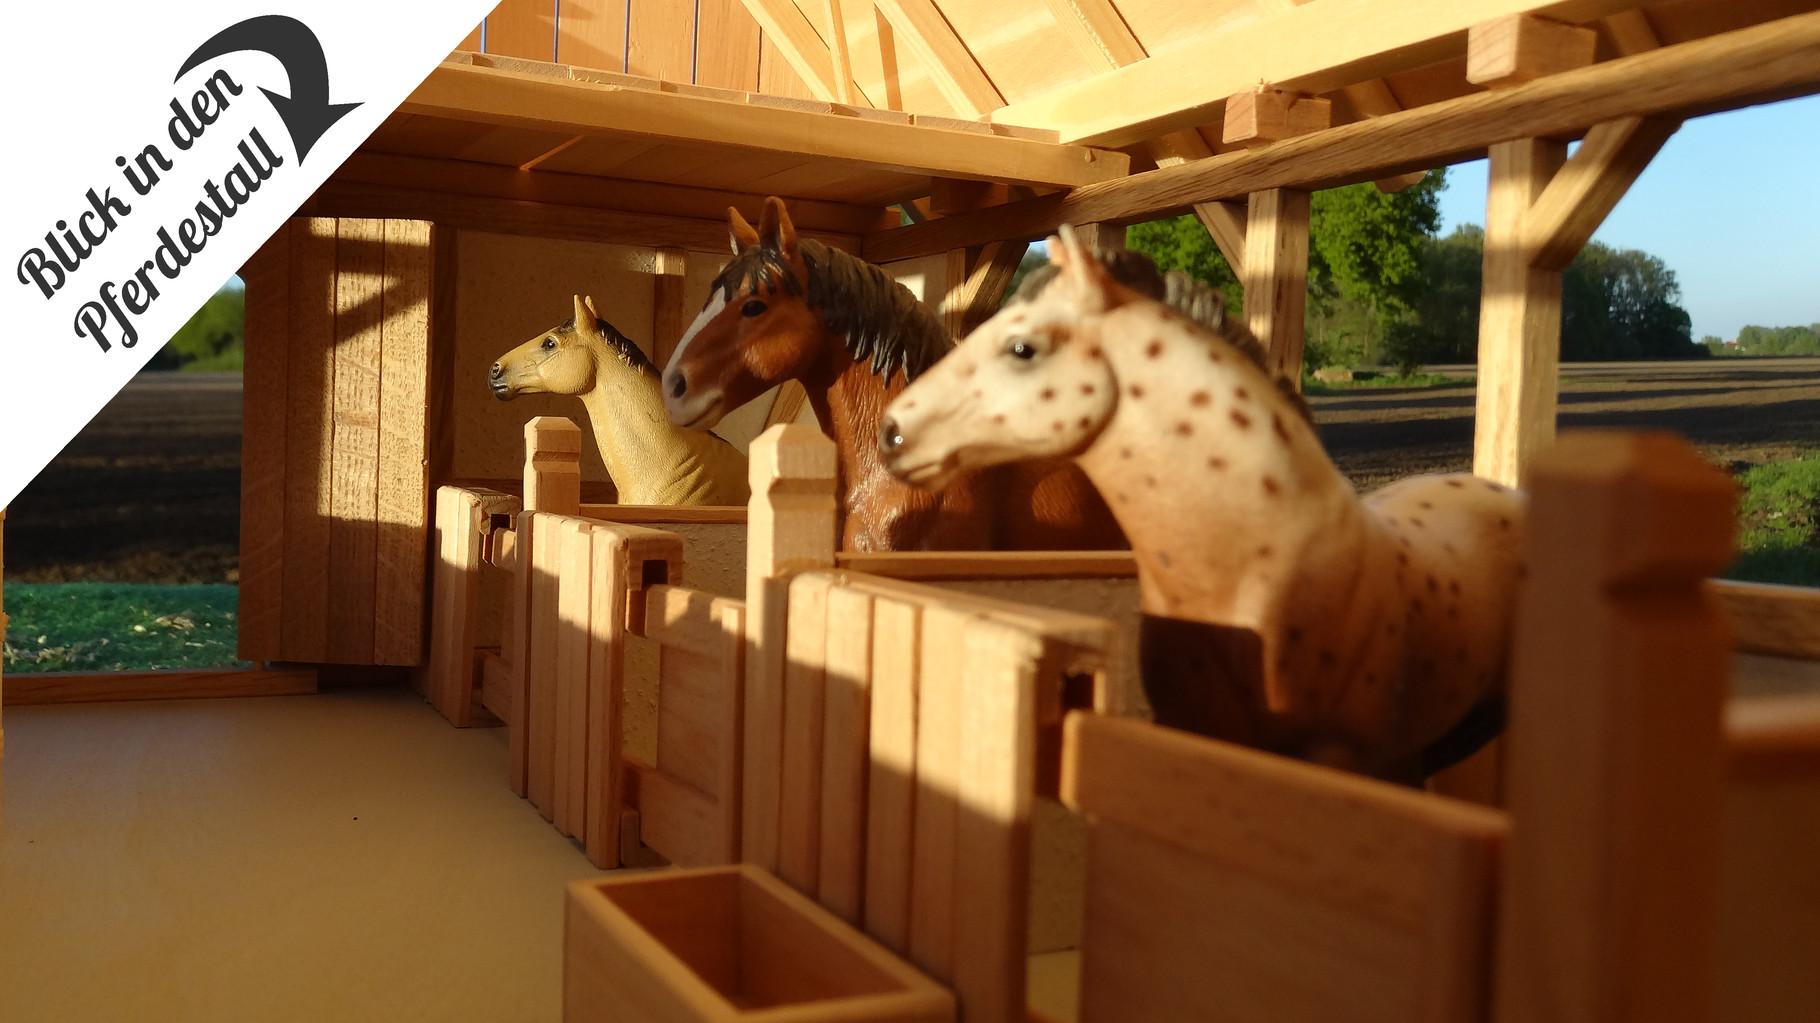 neu 2016 der pferdestall f r schleich pferde st lle kutschen tack schneidebretter. Black Bedroom Furniture Sets. Home Design Ideas